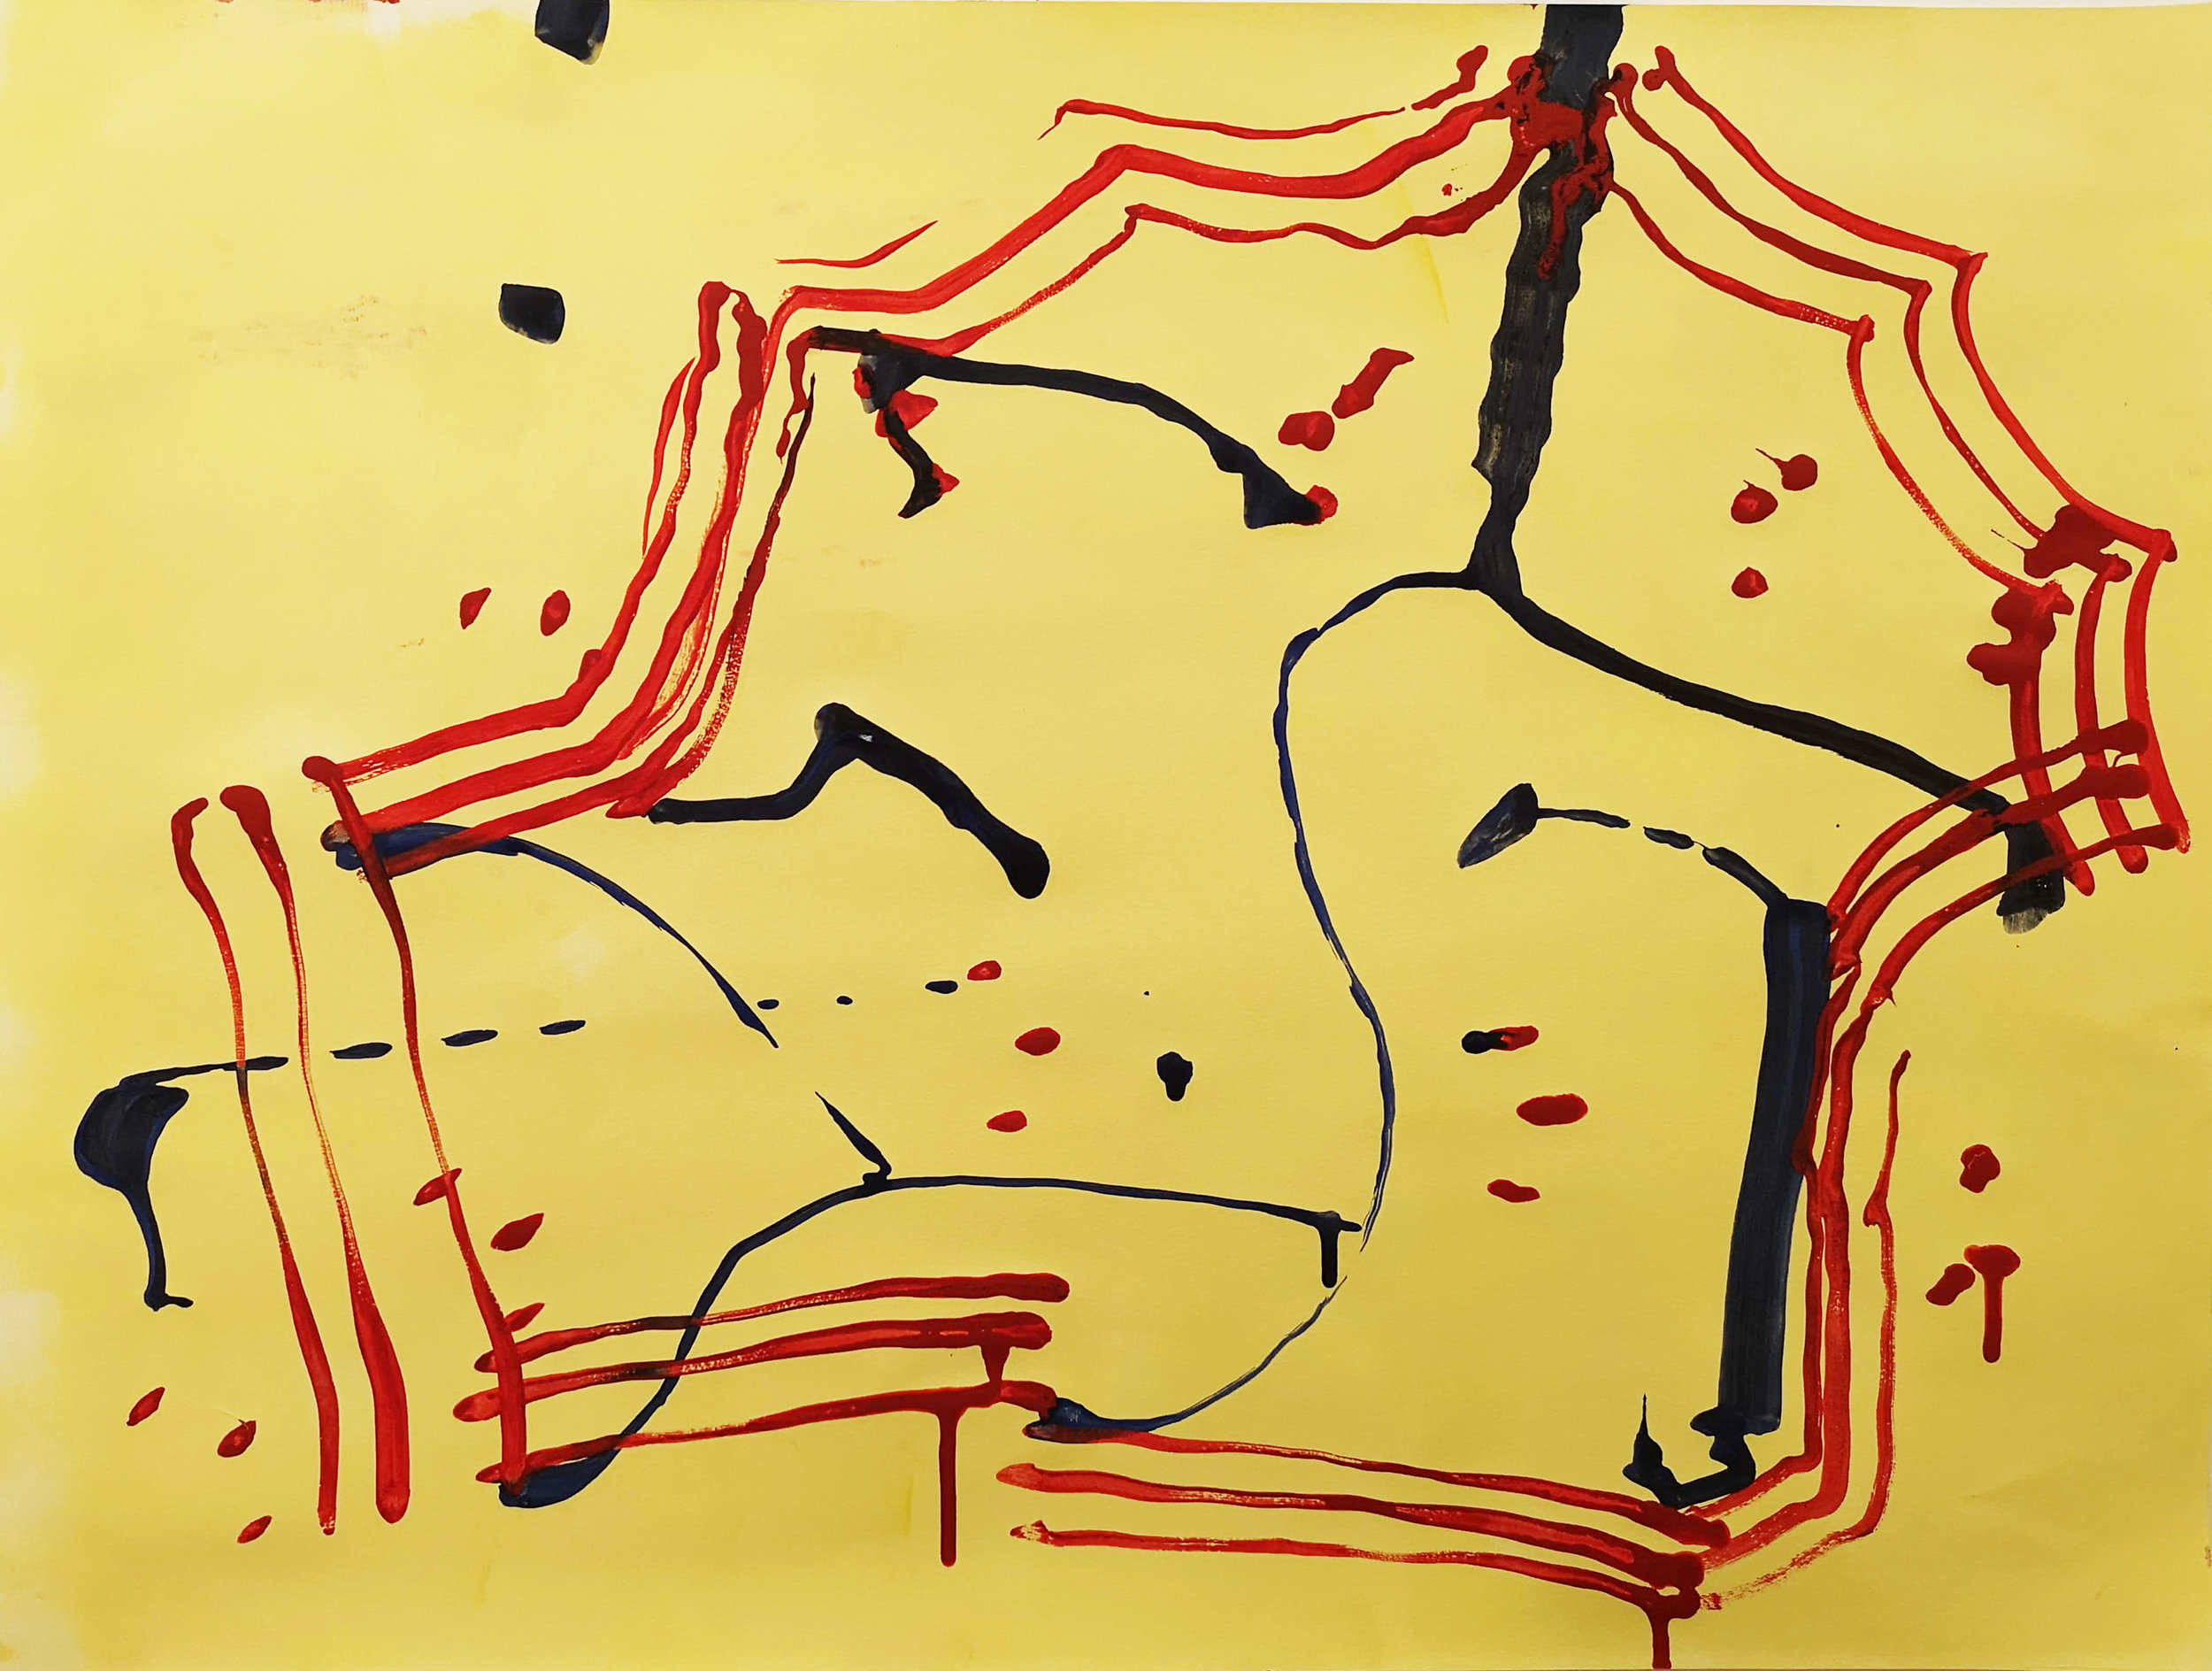 yifat gat yellow 3.jpg